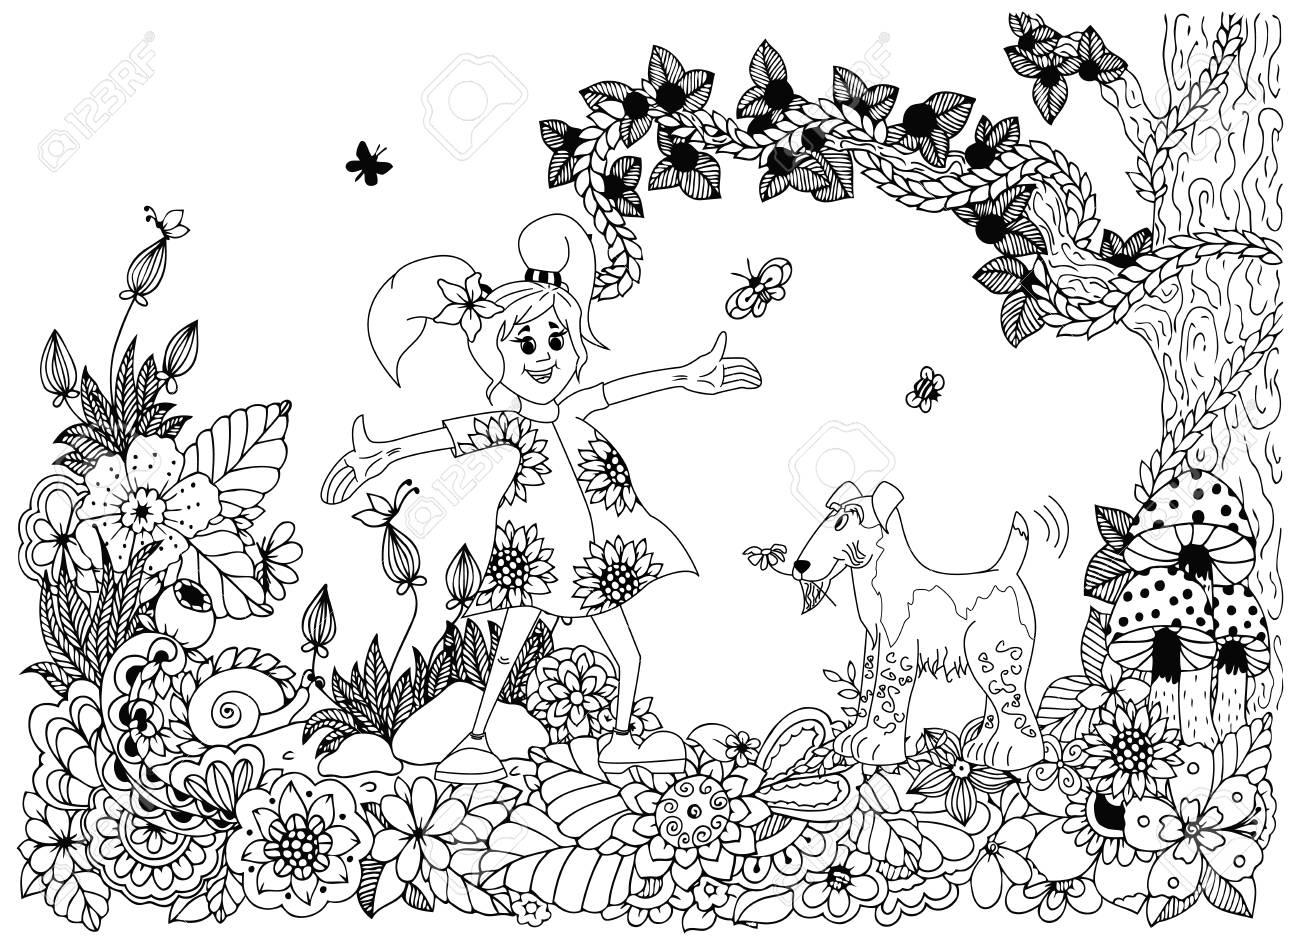 Vector Illustration Zen Tnagl Girl And Dog In Flowers Doodle